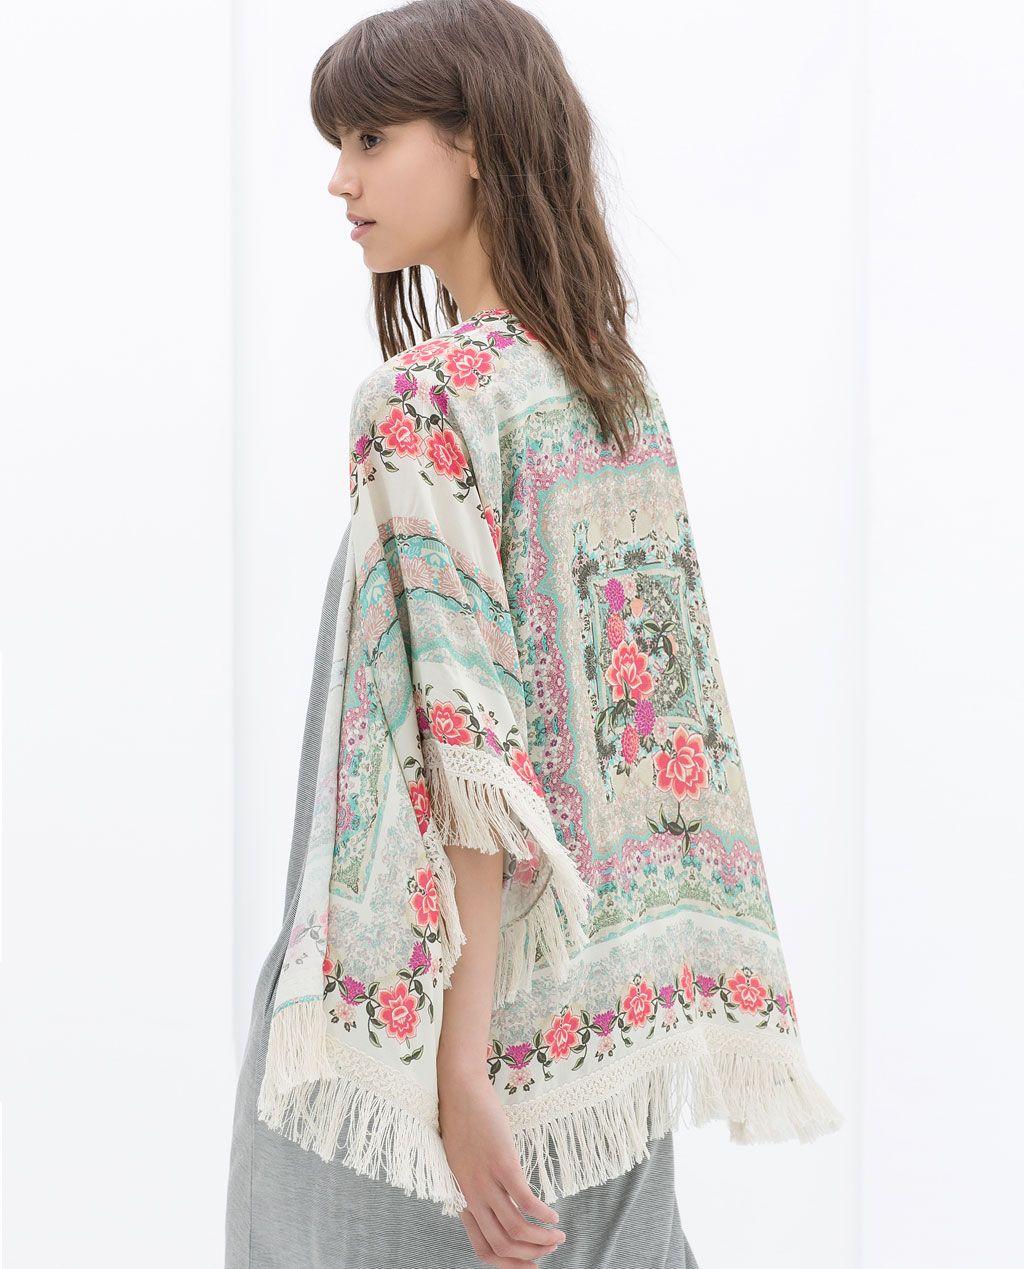 Afbeelding 4 van SJAAL MET PRINT van Zara | Fashion | Pinterest ...